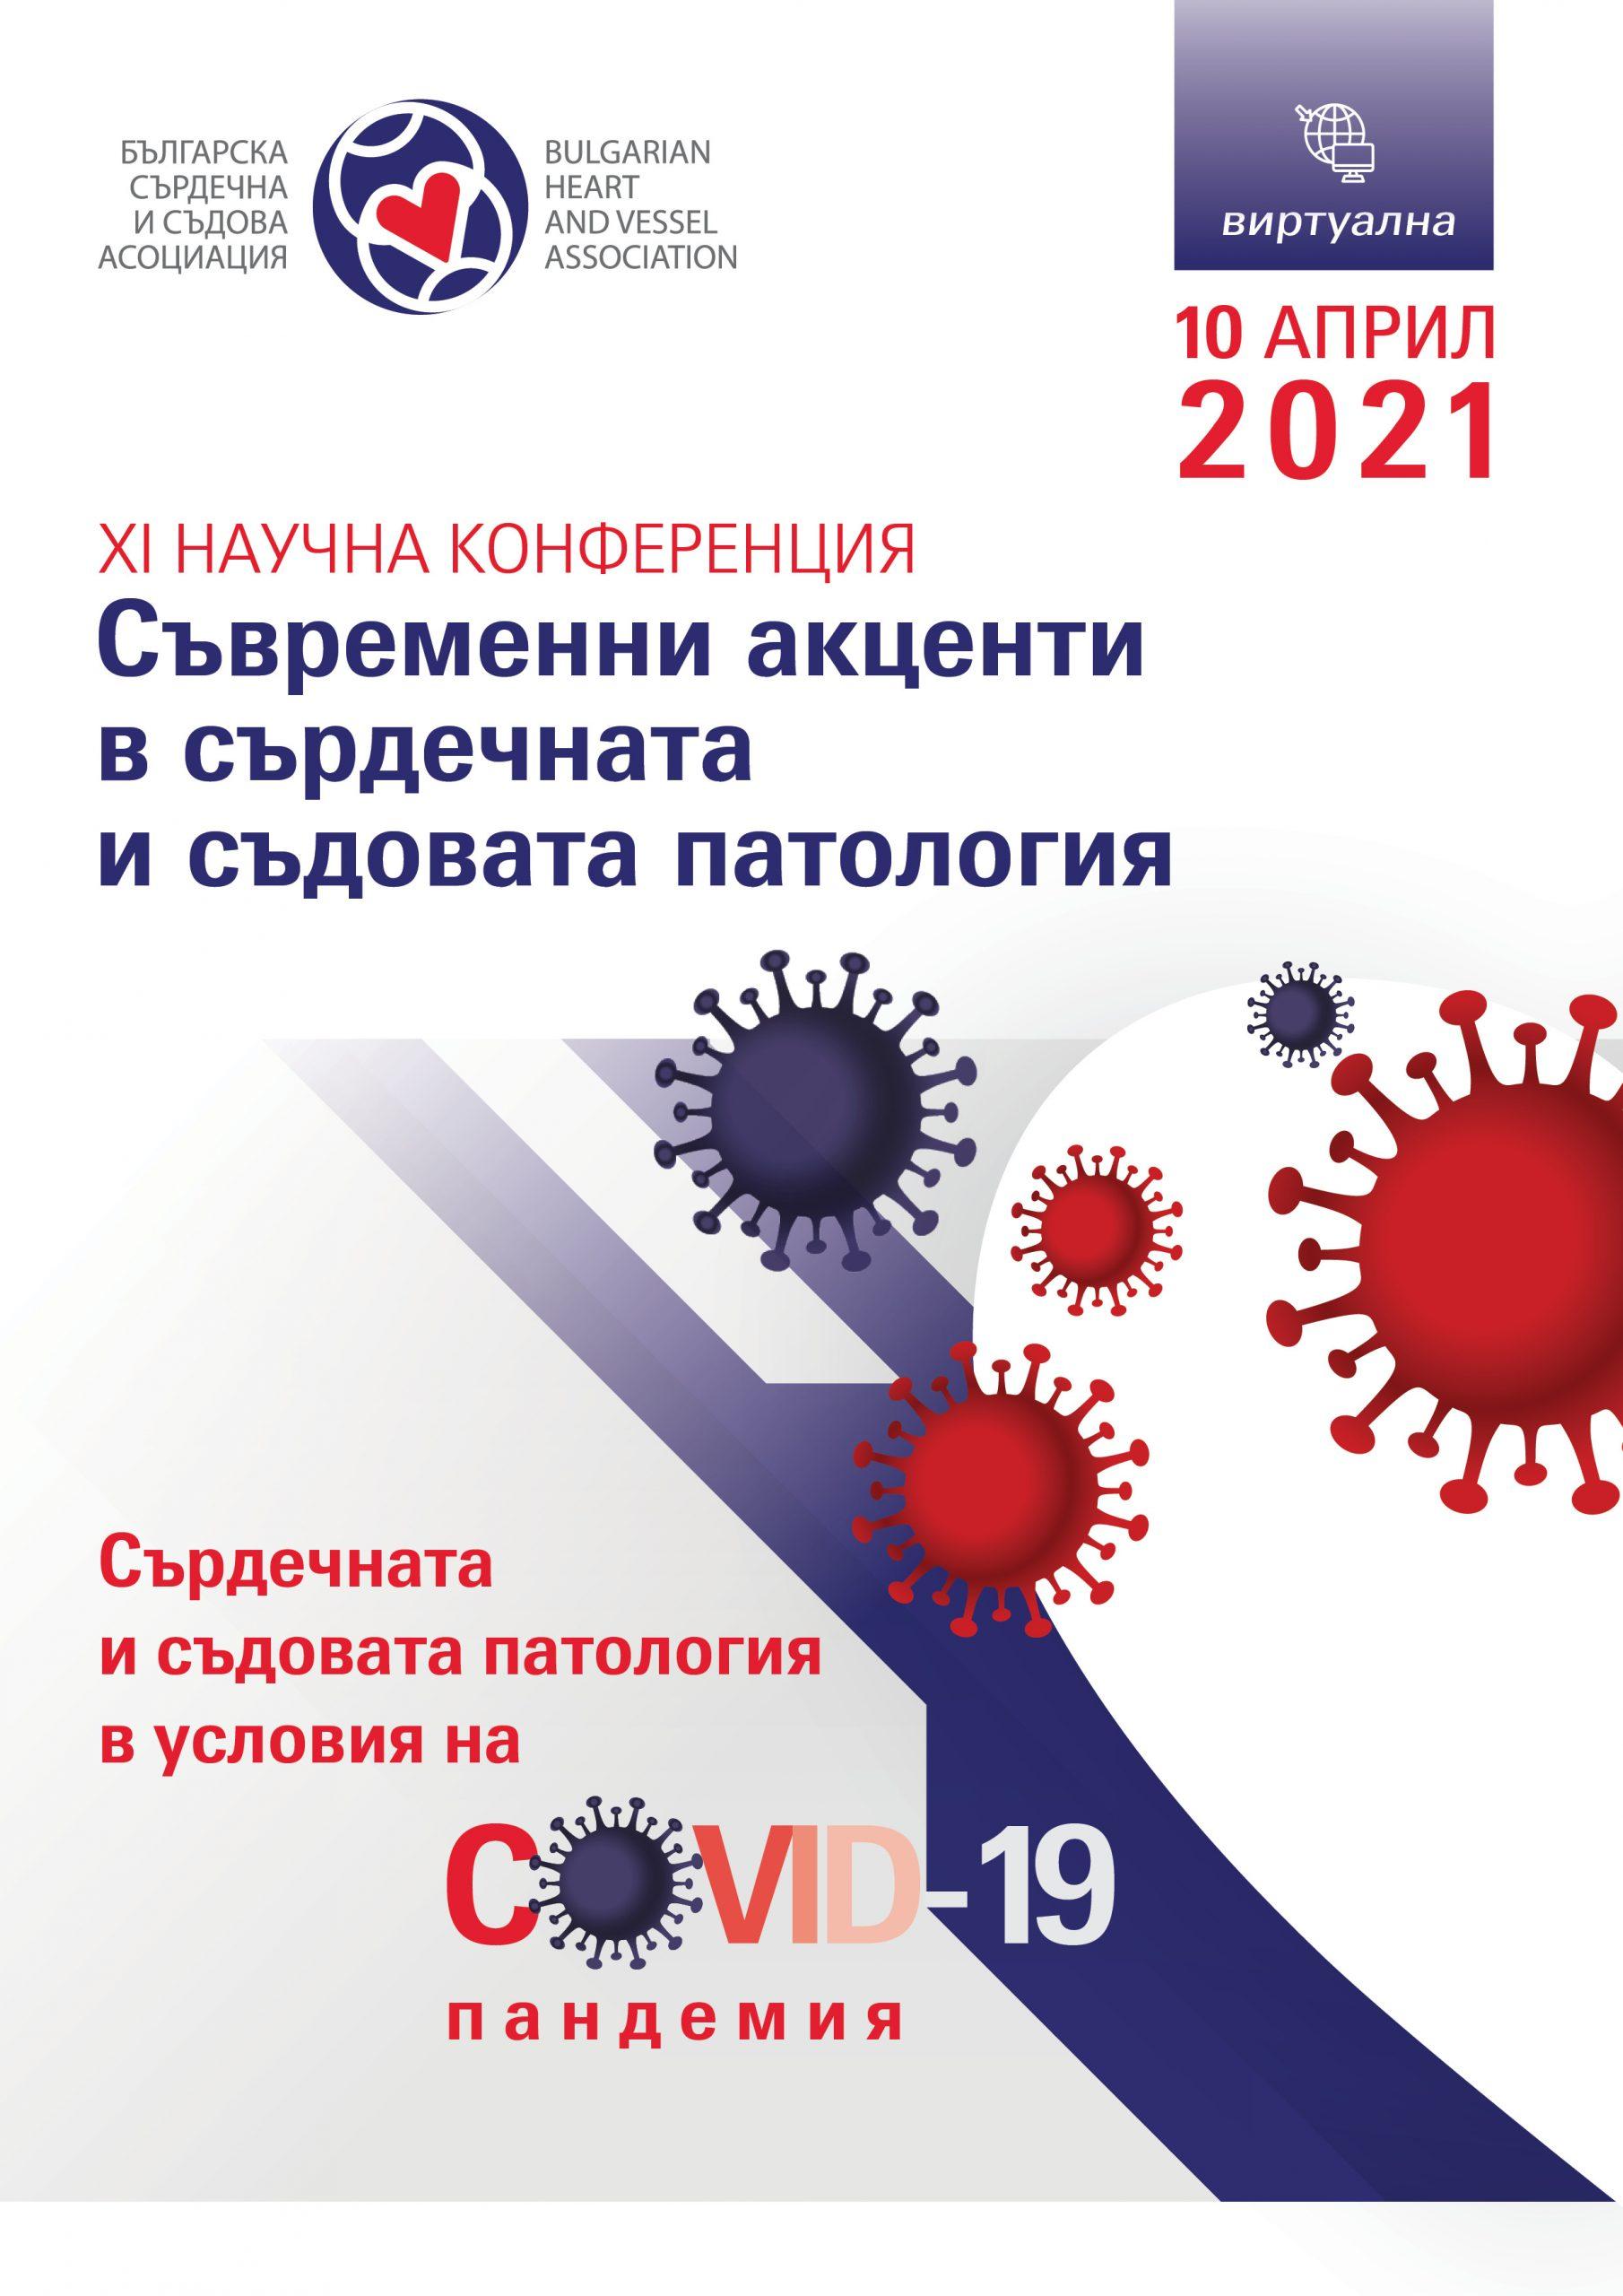 """XI Научна конференция на БССА: """"Съвременни акценти в сърдечната и съдова патология. Сърдечната и съдовата патология в условията на COVID-19 пандемия"""" class="""